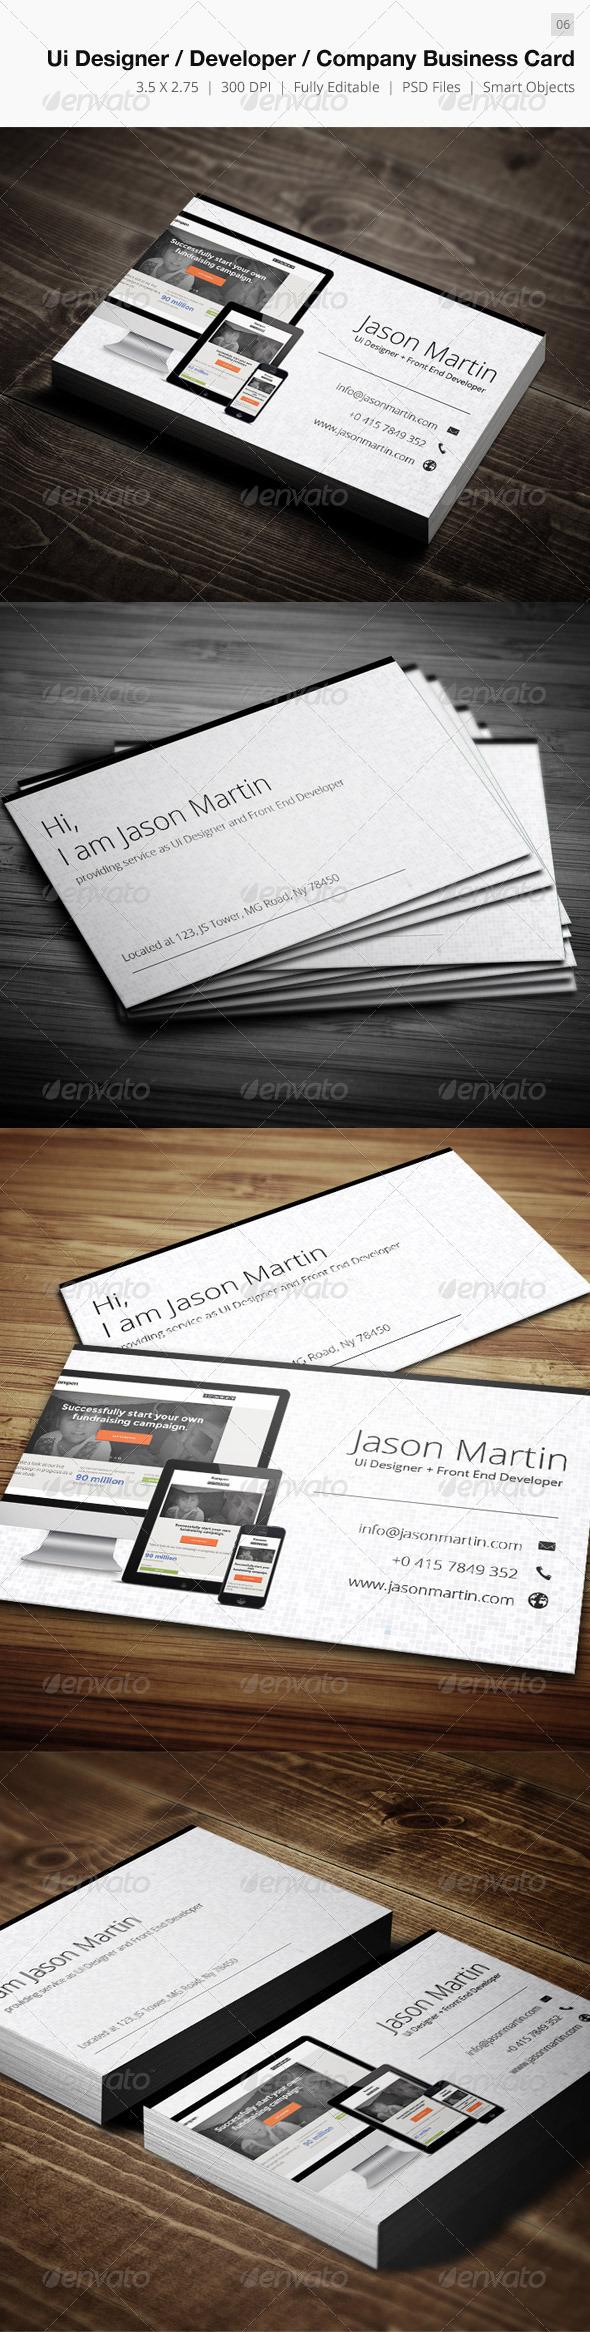 Ui designer/Developer/Company Business Card -06 - Creative Business Cards